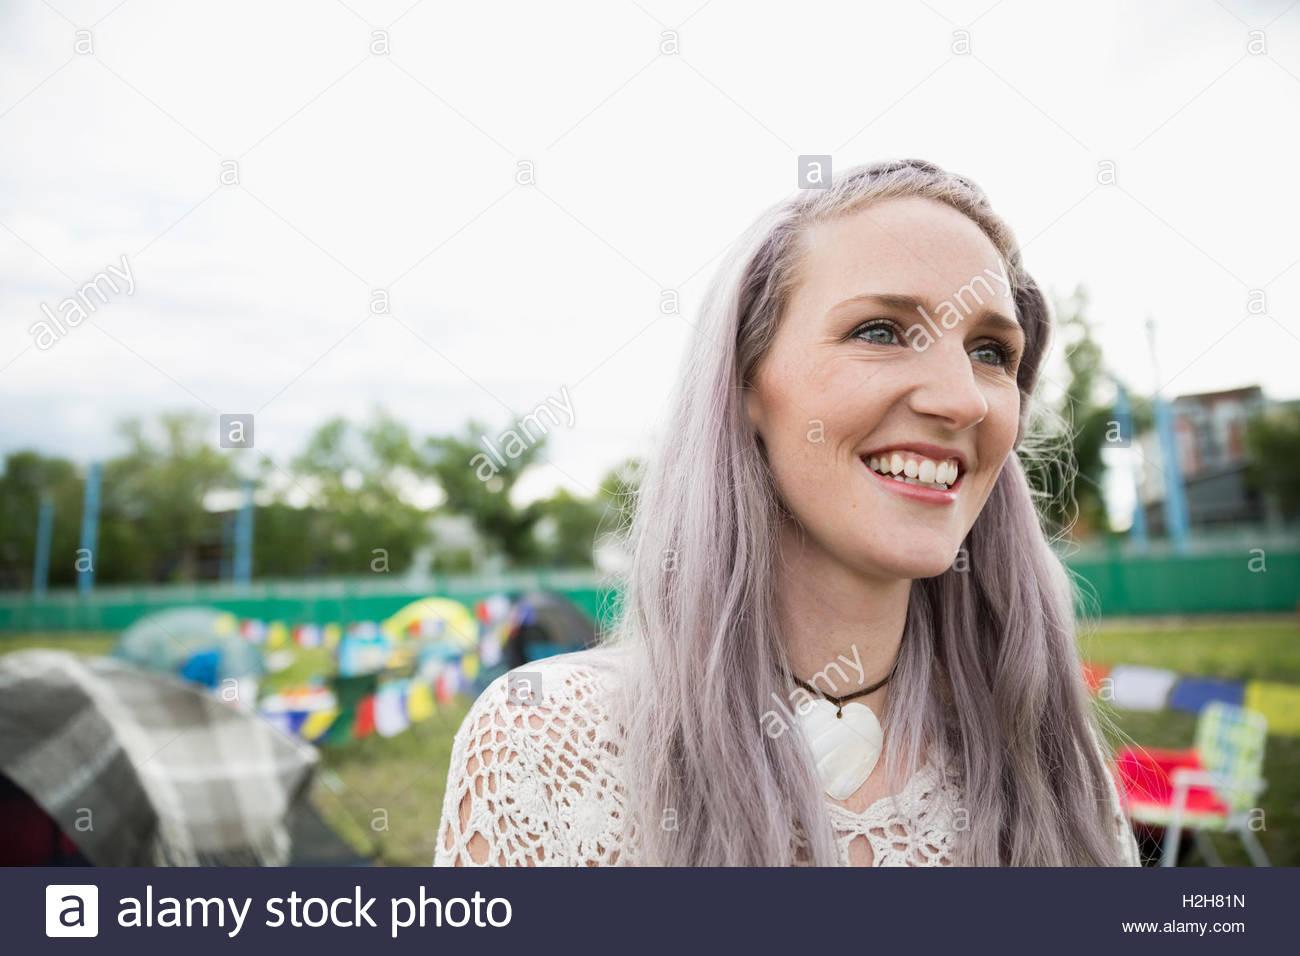 Ritratto sorridente giovane donna con chalk tinti capelli viola che guarda lontano al festival musicale estivo Campeggio Immagini Stock